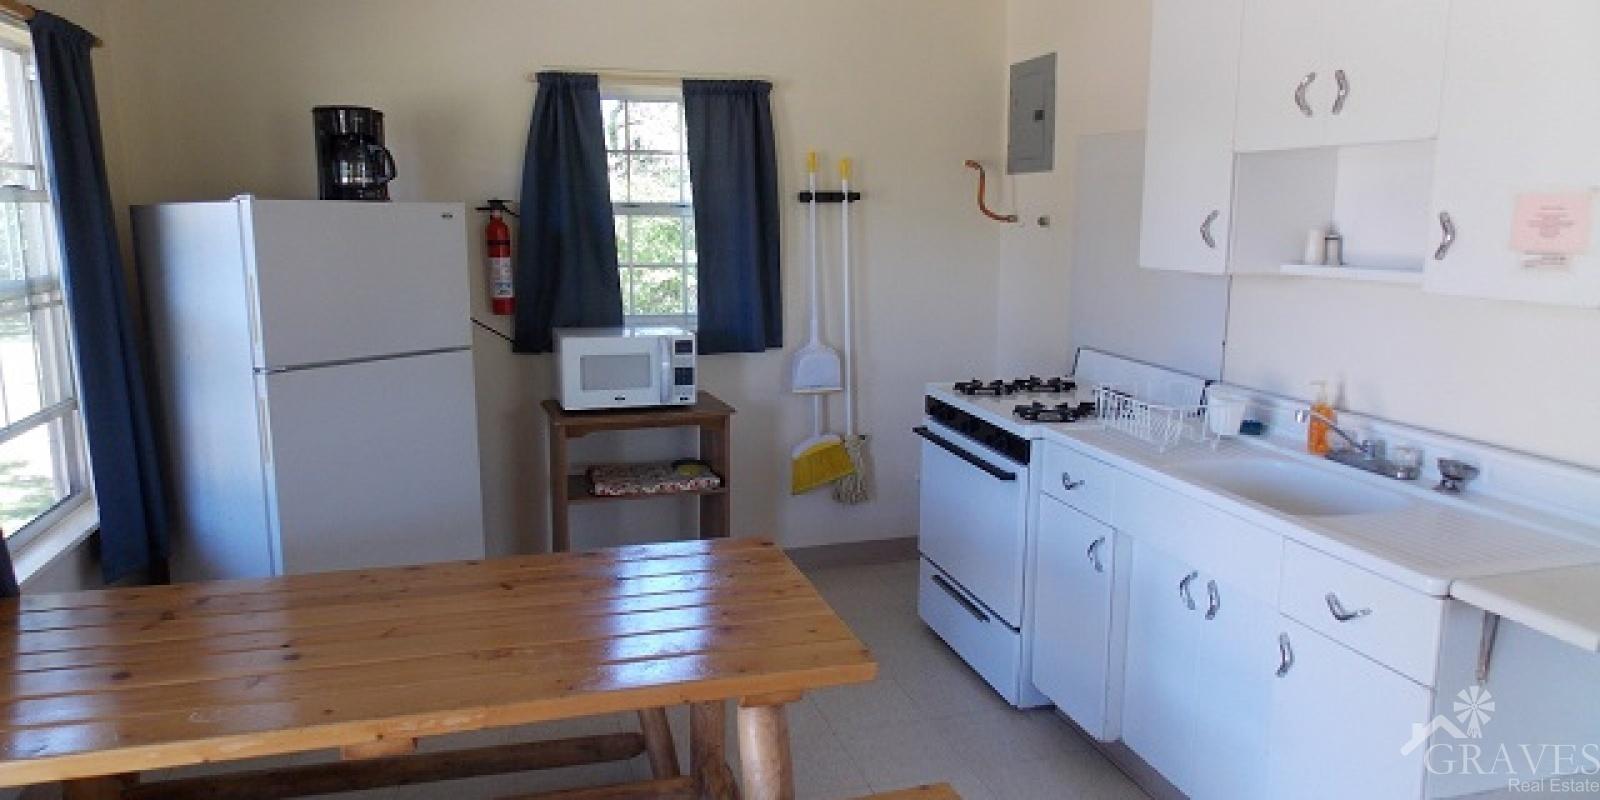 Uvalde,Texas 78801,19 BathroomsBathrooms,Commercial,1044